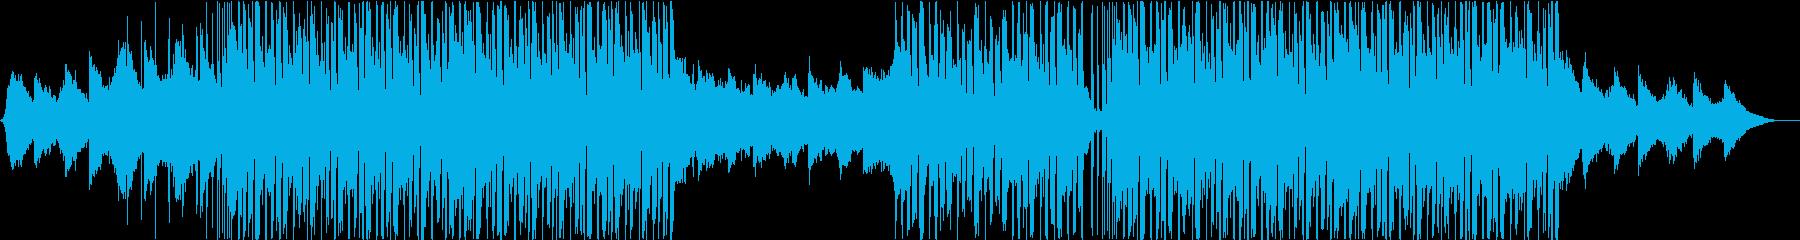 ダンストロピカルハウスミュージックの再生済みの波形